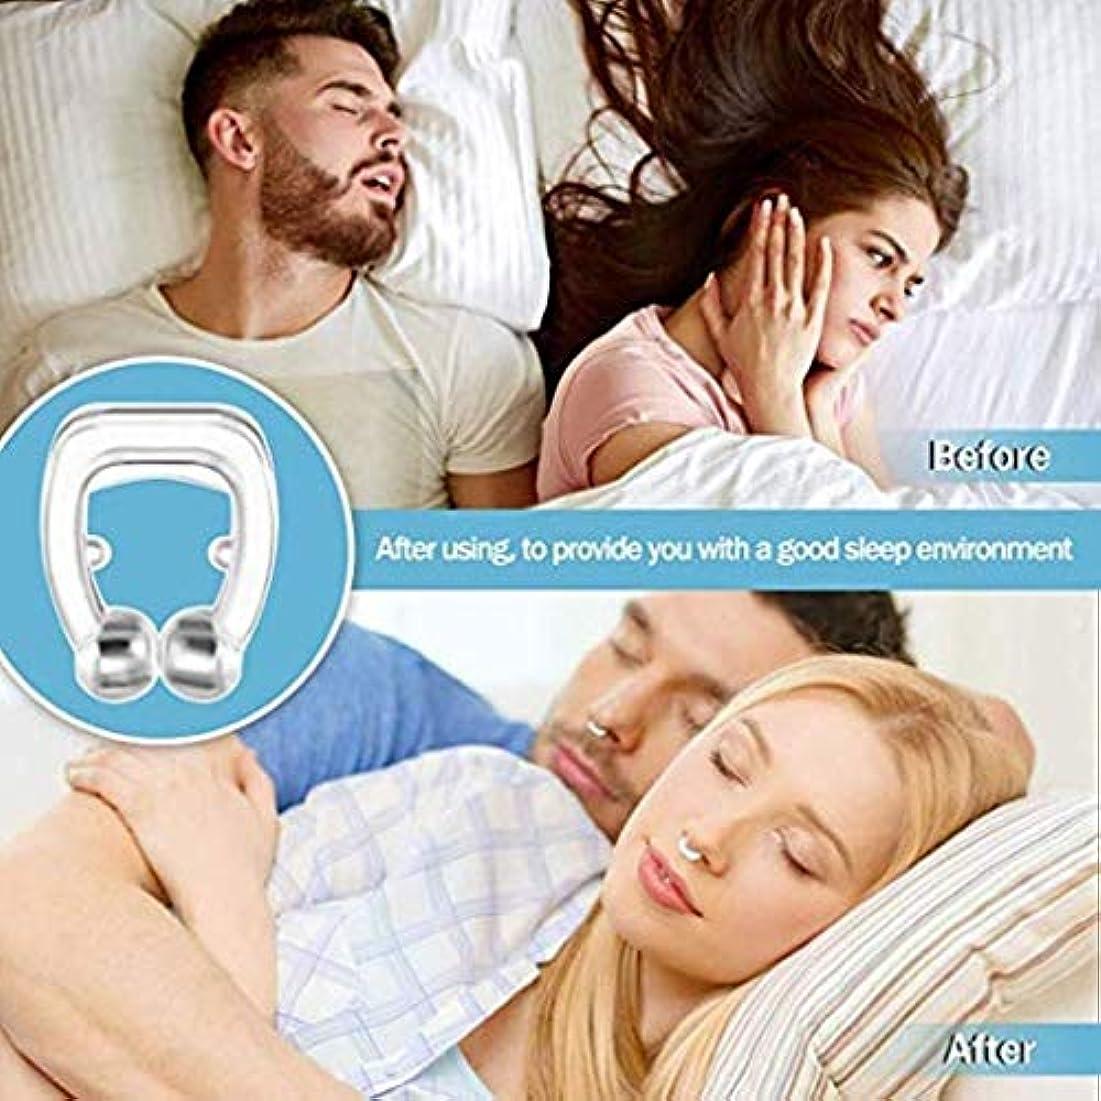 クライストチャーチ回想動的アンチいびきノーズクリップ-キャリーケース付き寝具